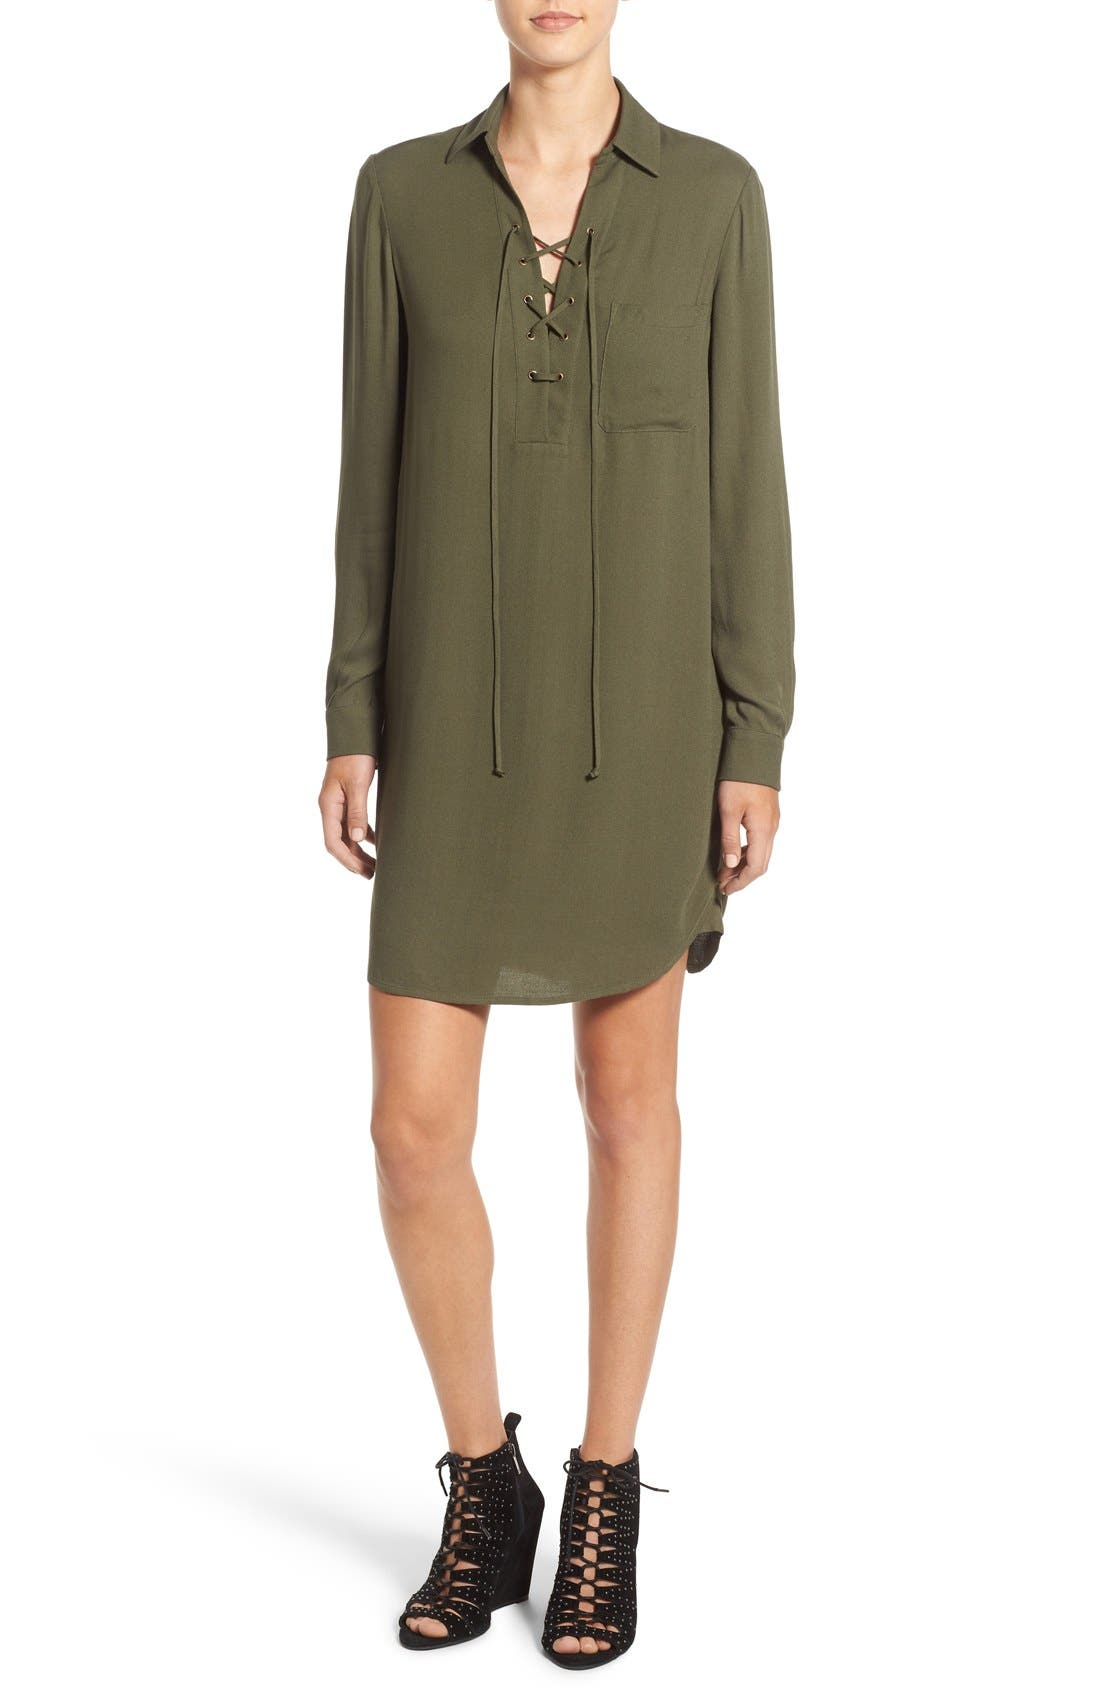 WAYF Lace-Up Shirtdress, Main, color, 300